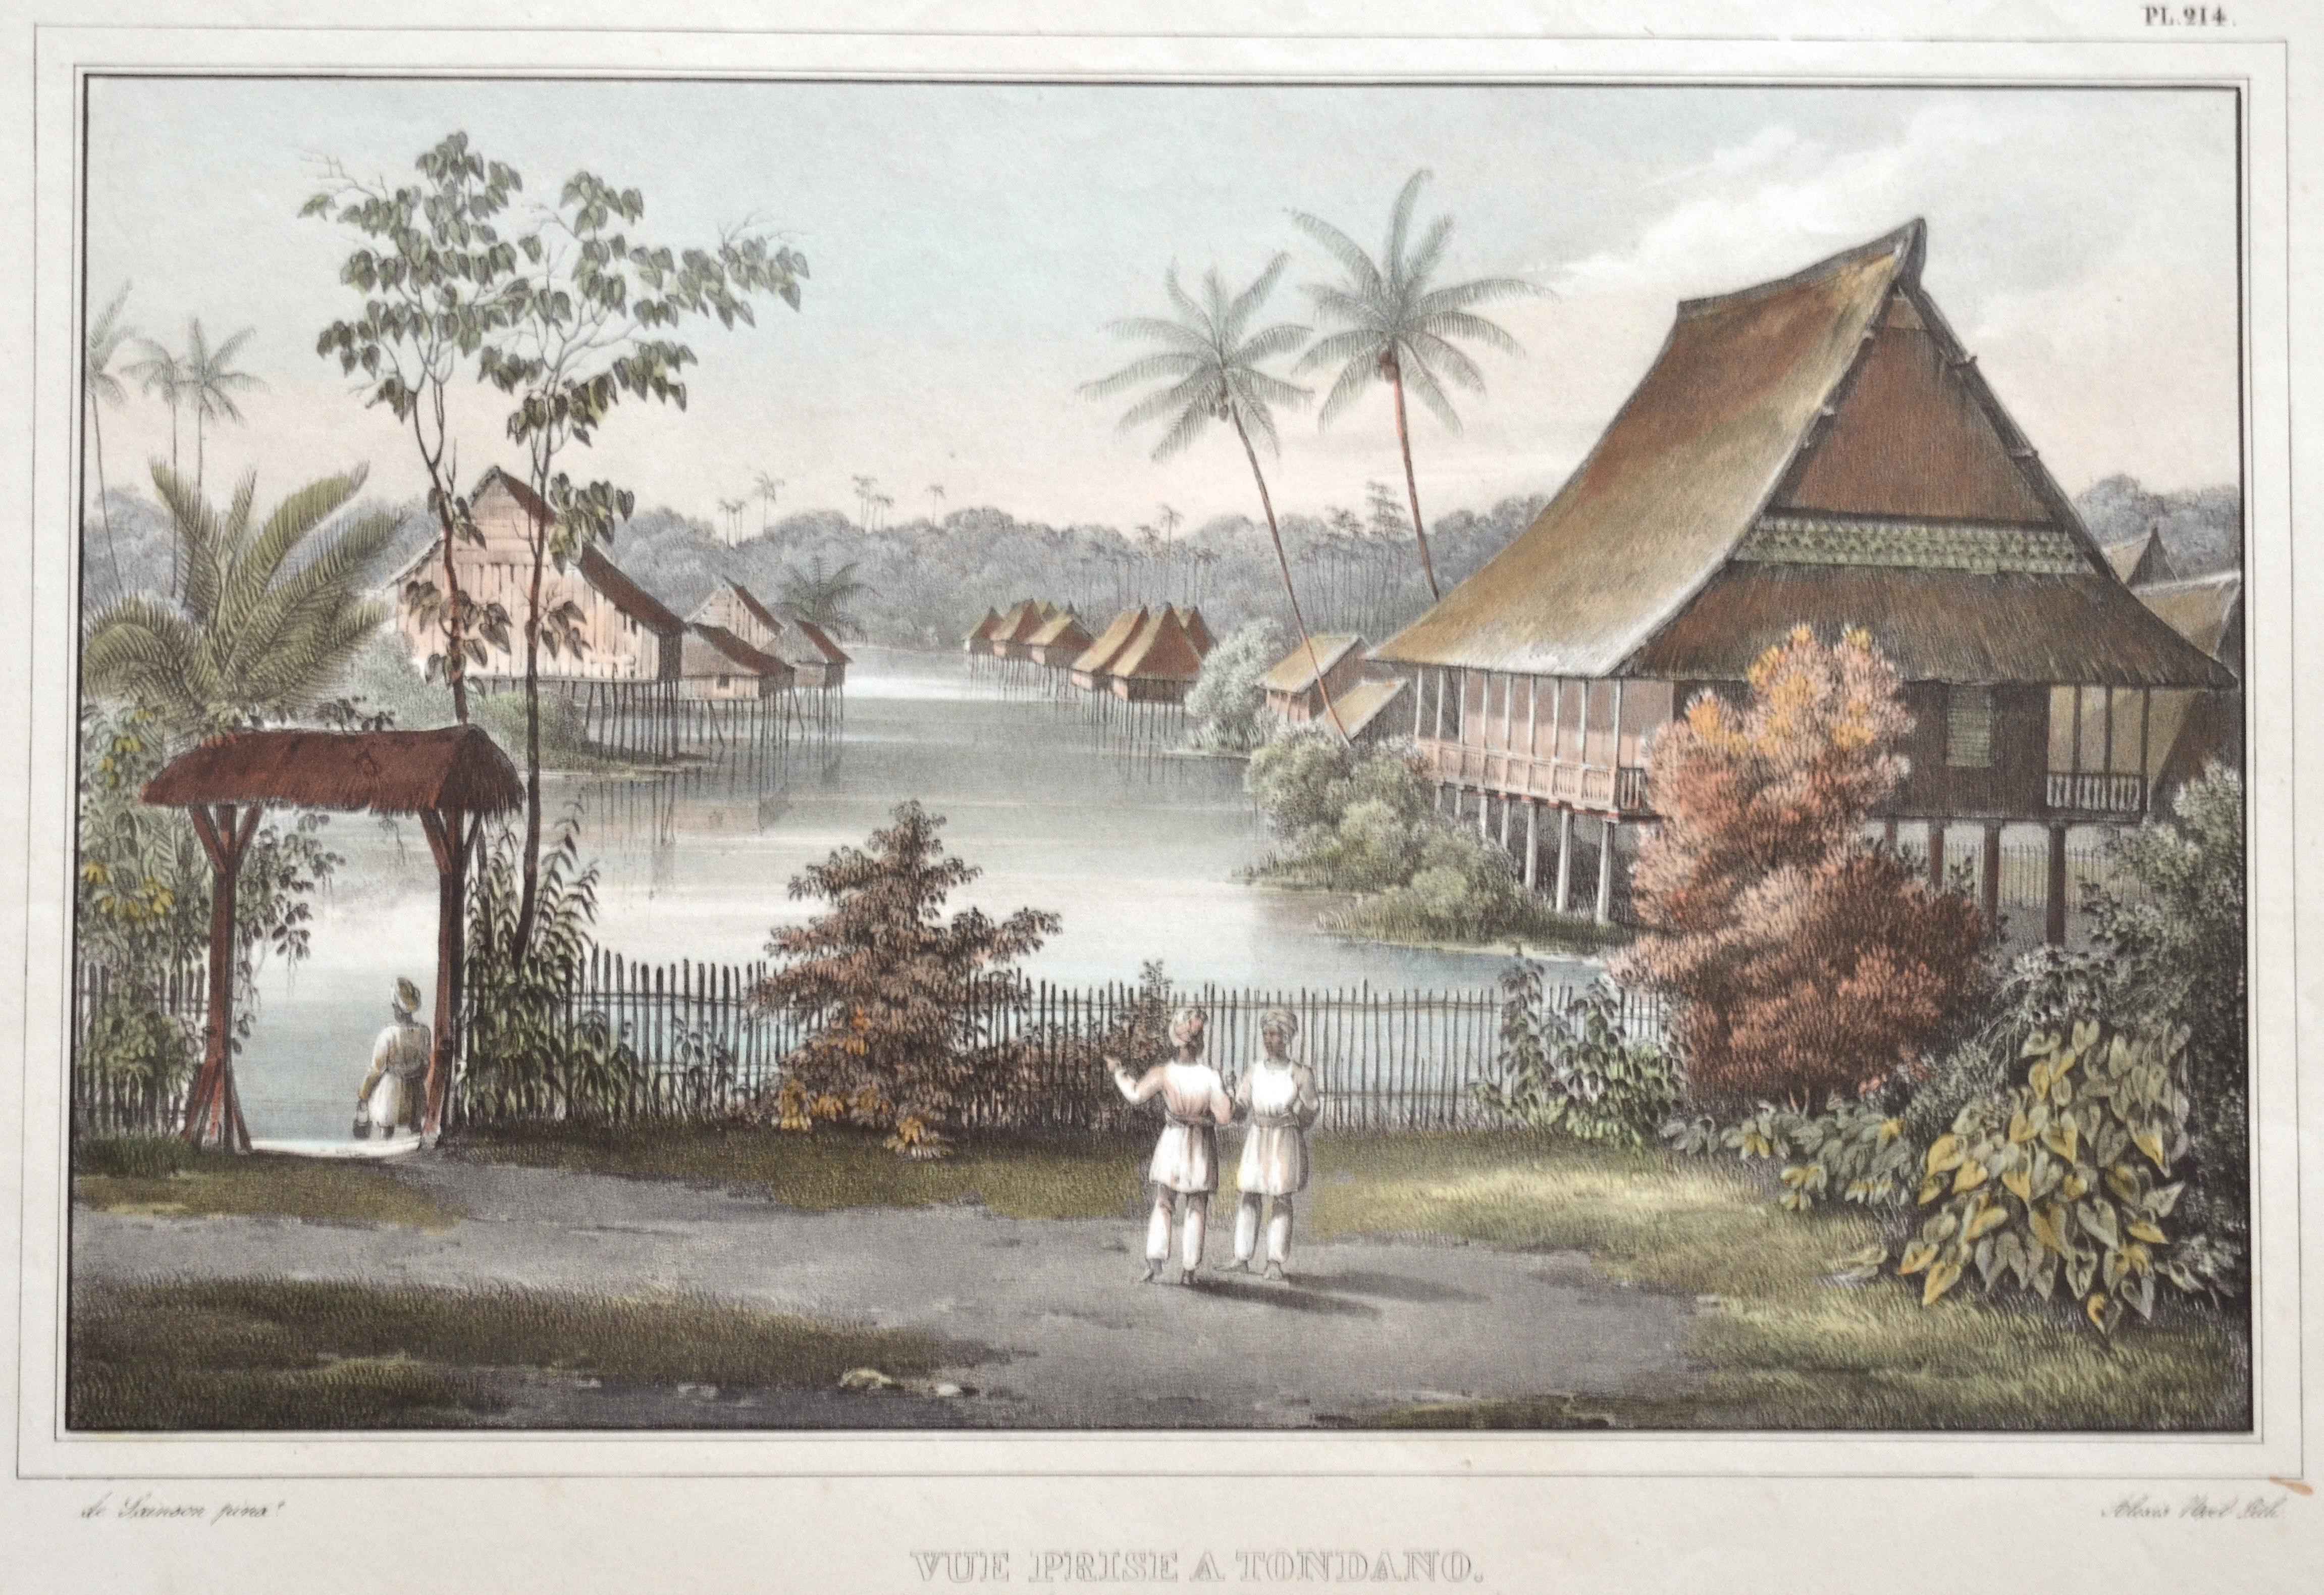 Sainson de Louis Auguste Vue Prise a Tondano. De la Maison du Résident Hollandais. (Ile Celebes)